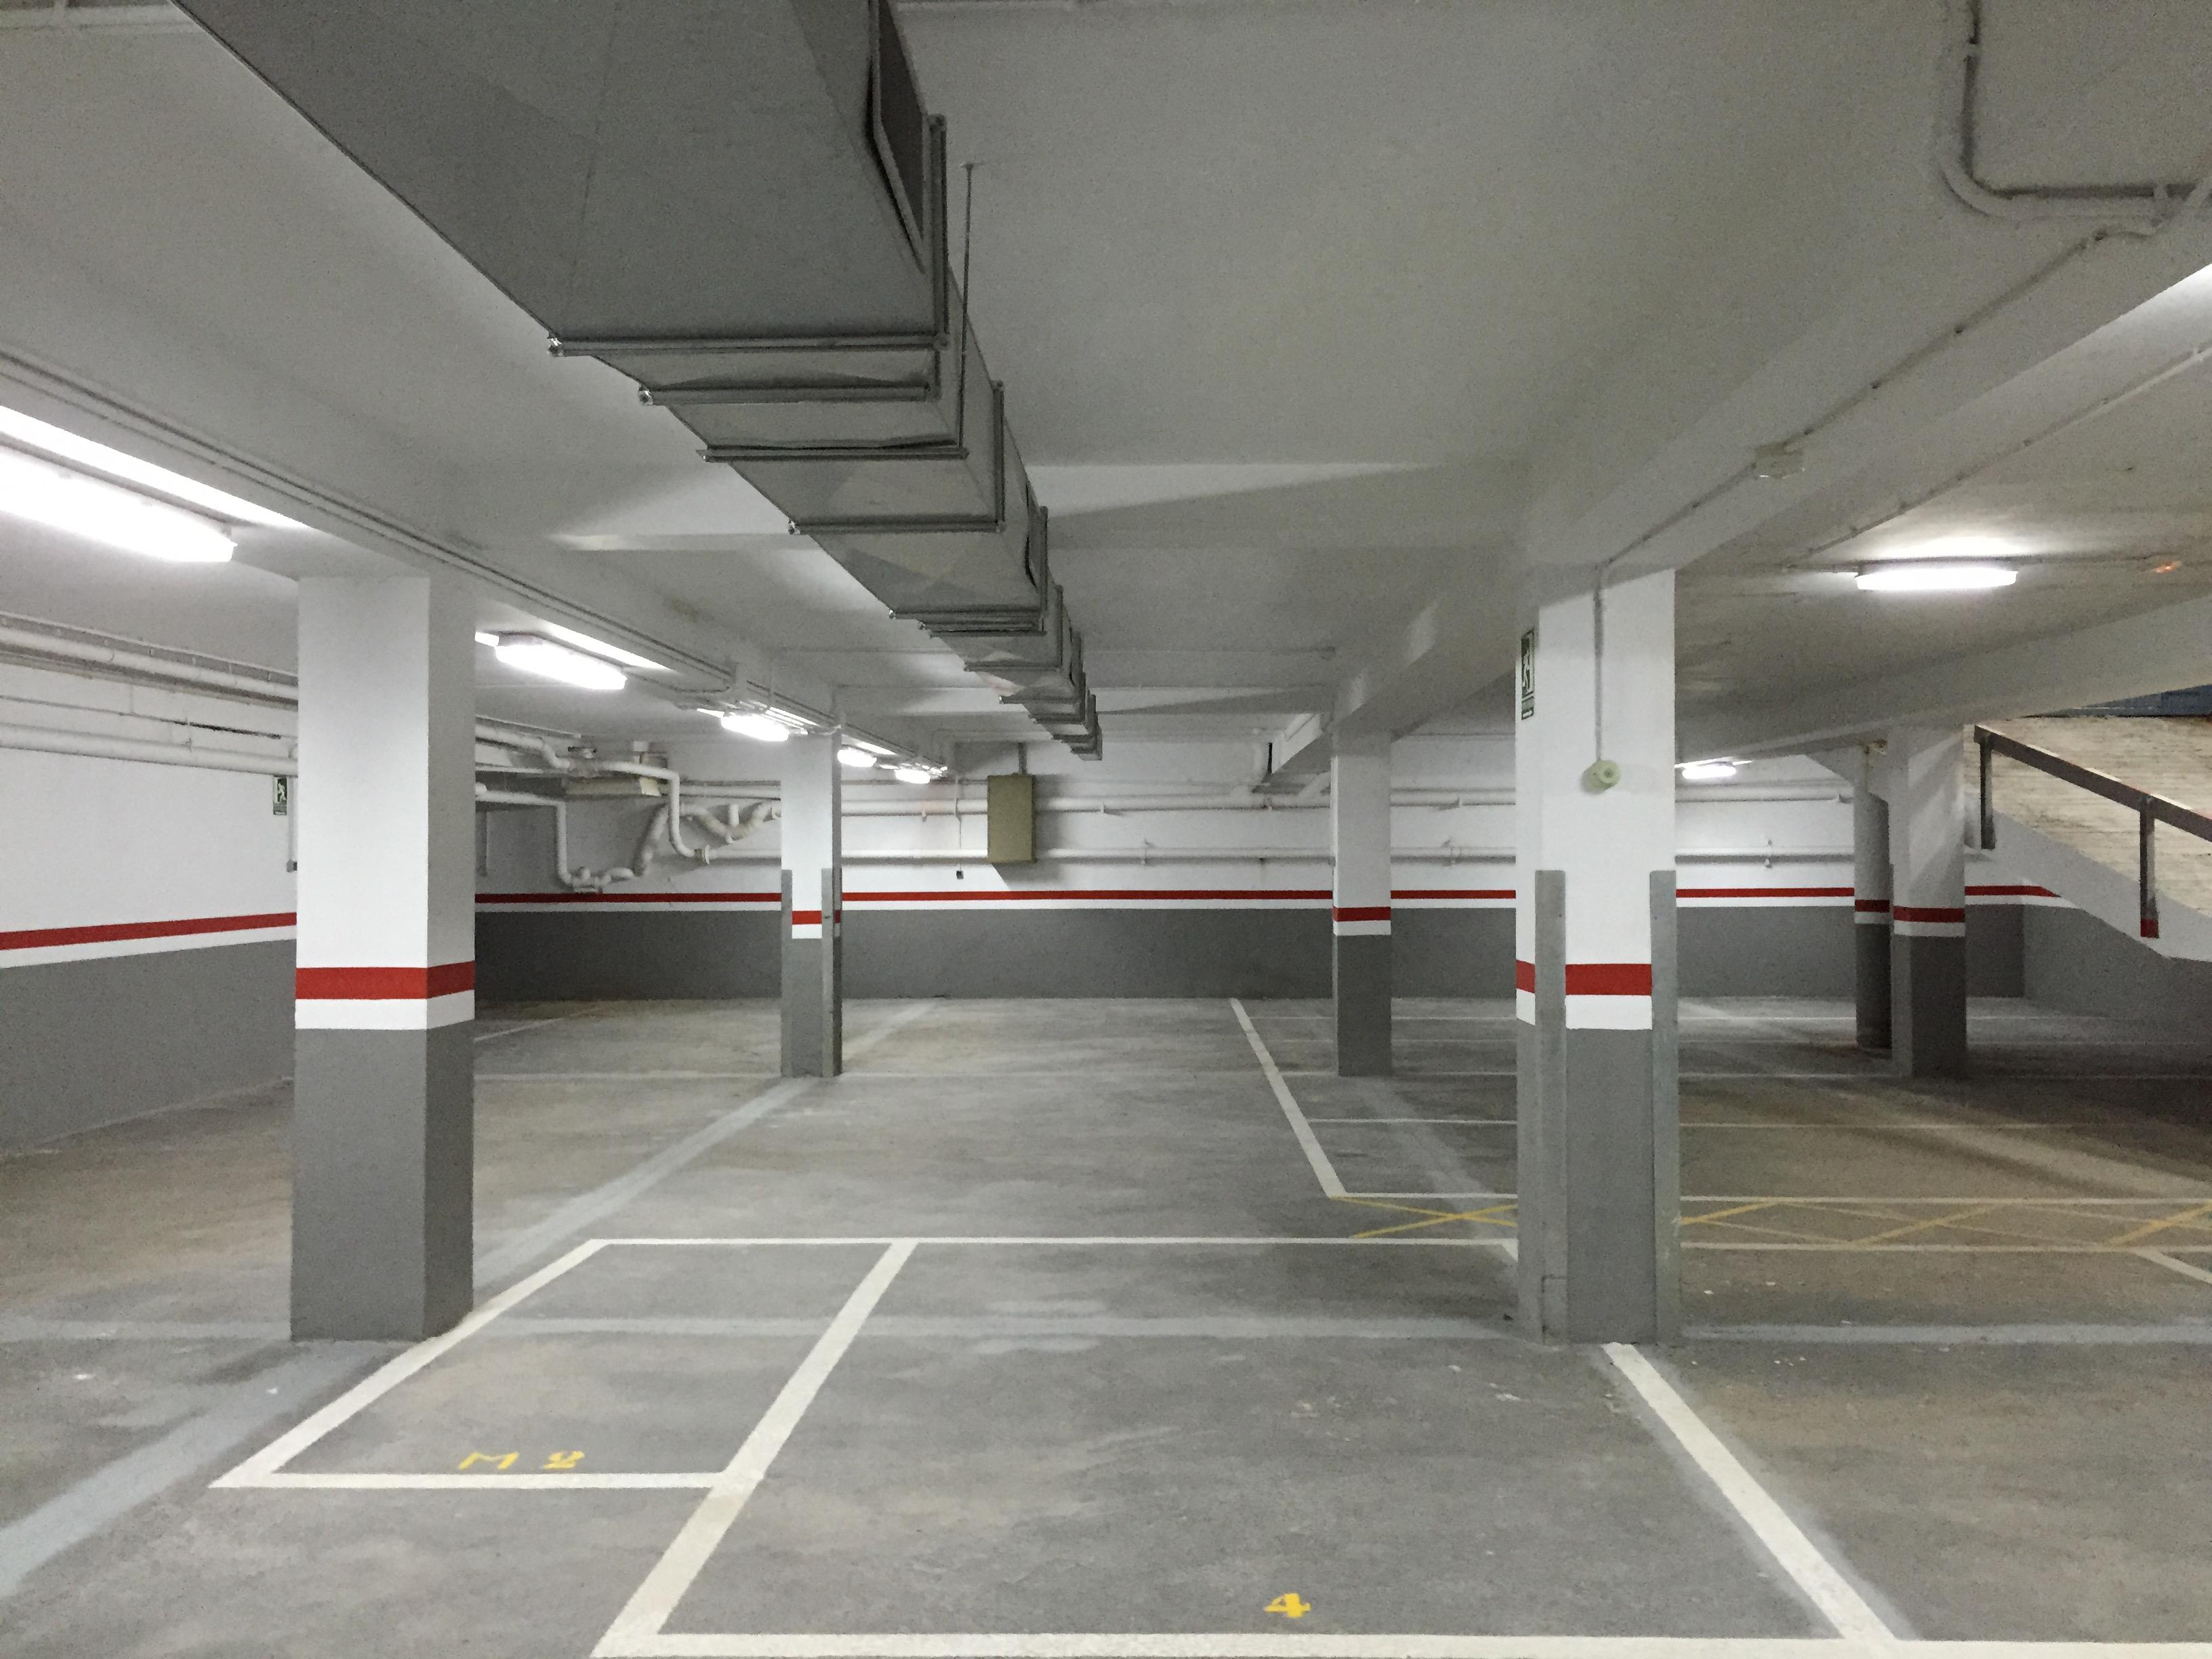 Garaje para coches y trasteros junto hospital sant pau - Garaje de coches ...